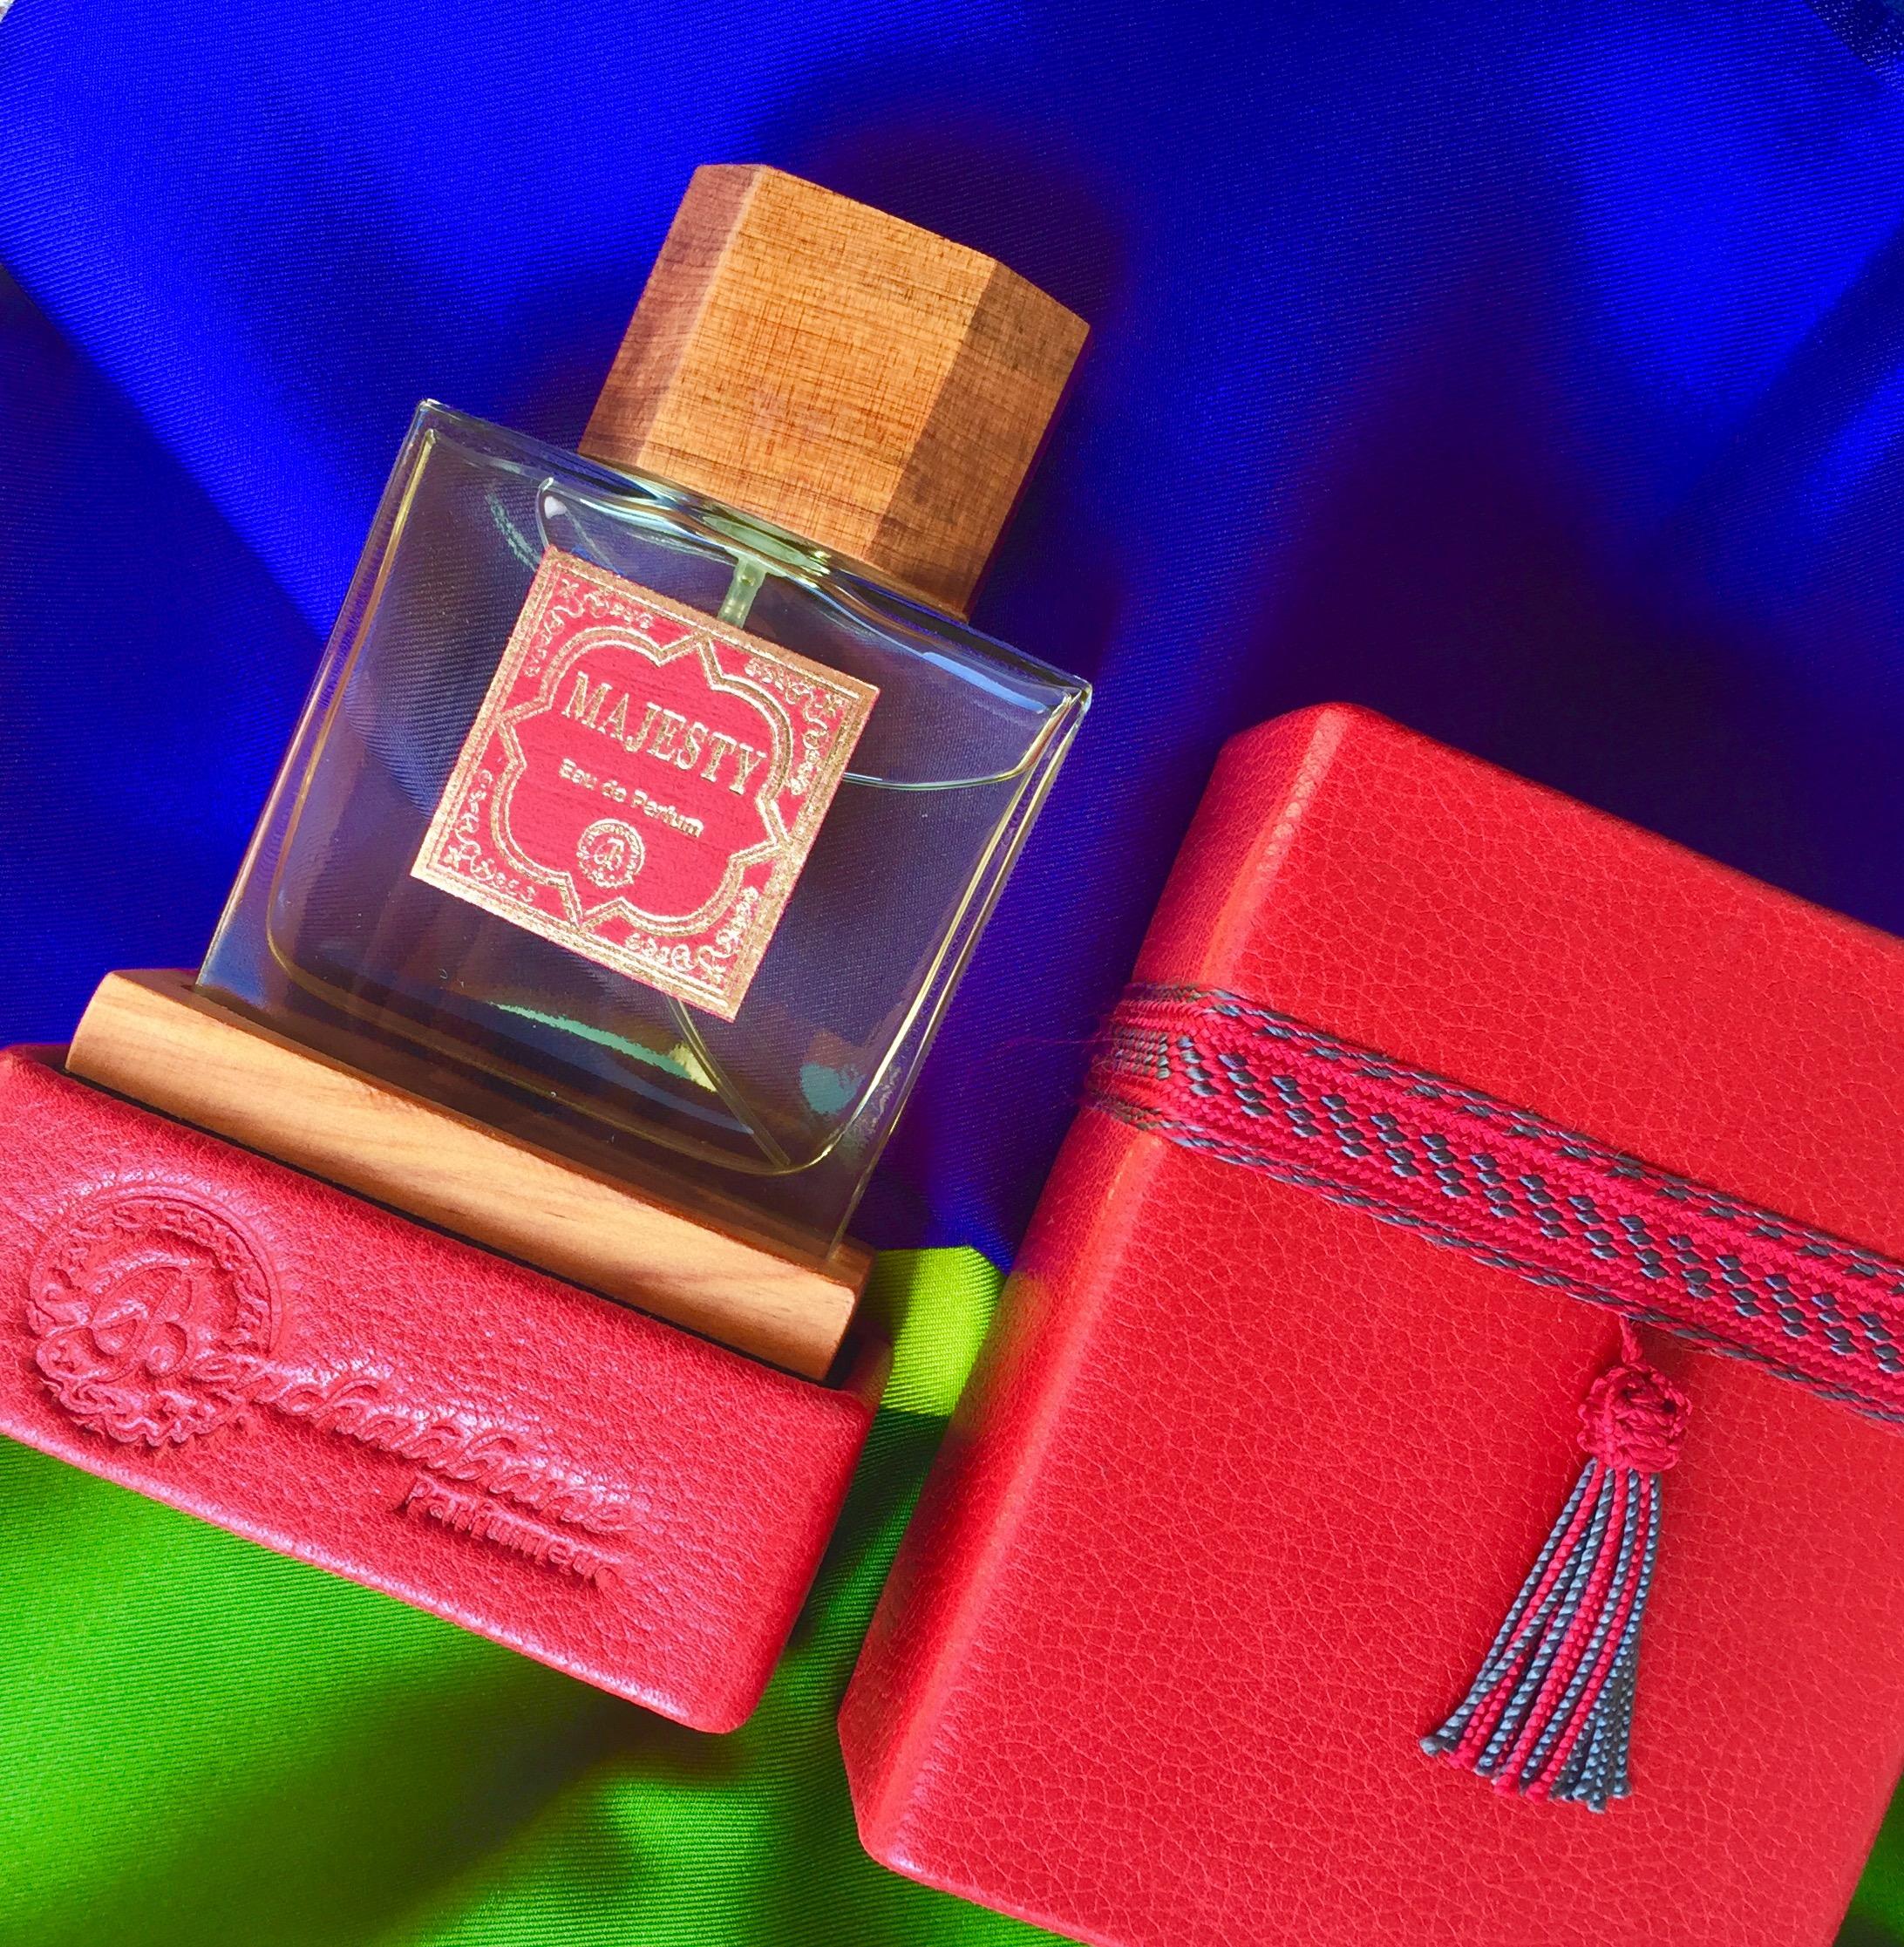 Le printemps est déjà là et et le nouveau Parfum Majesty by Benchaâbane est arrivé